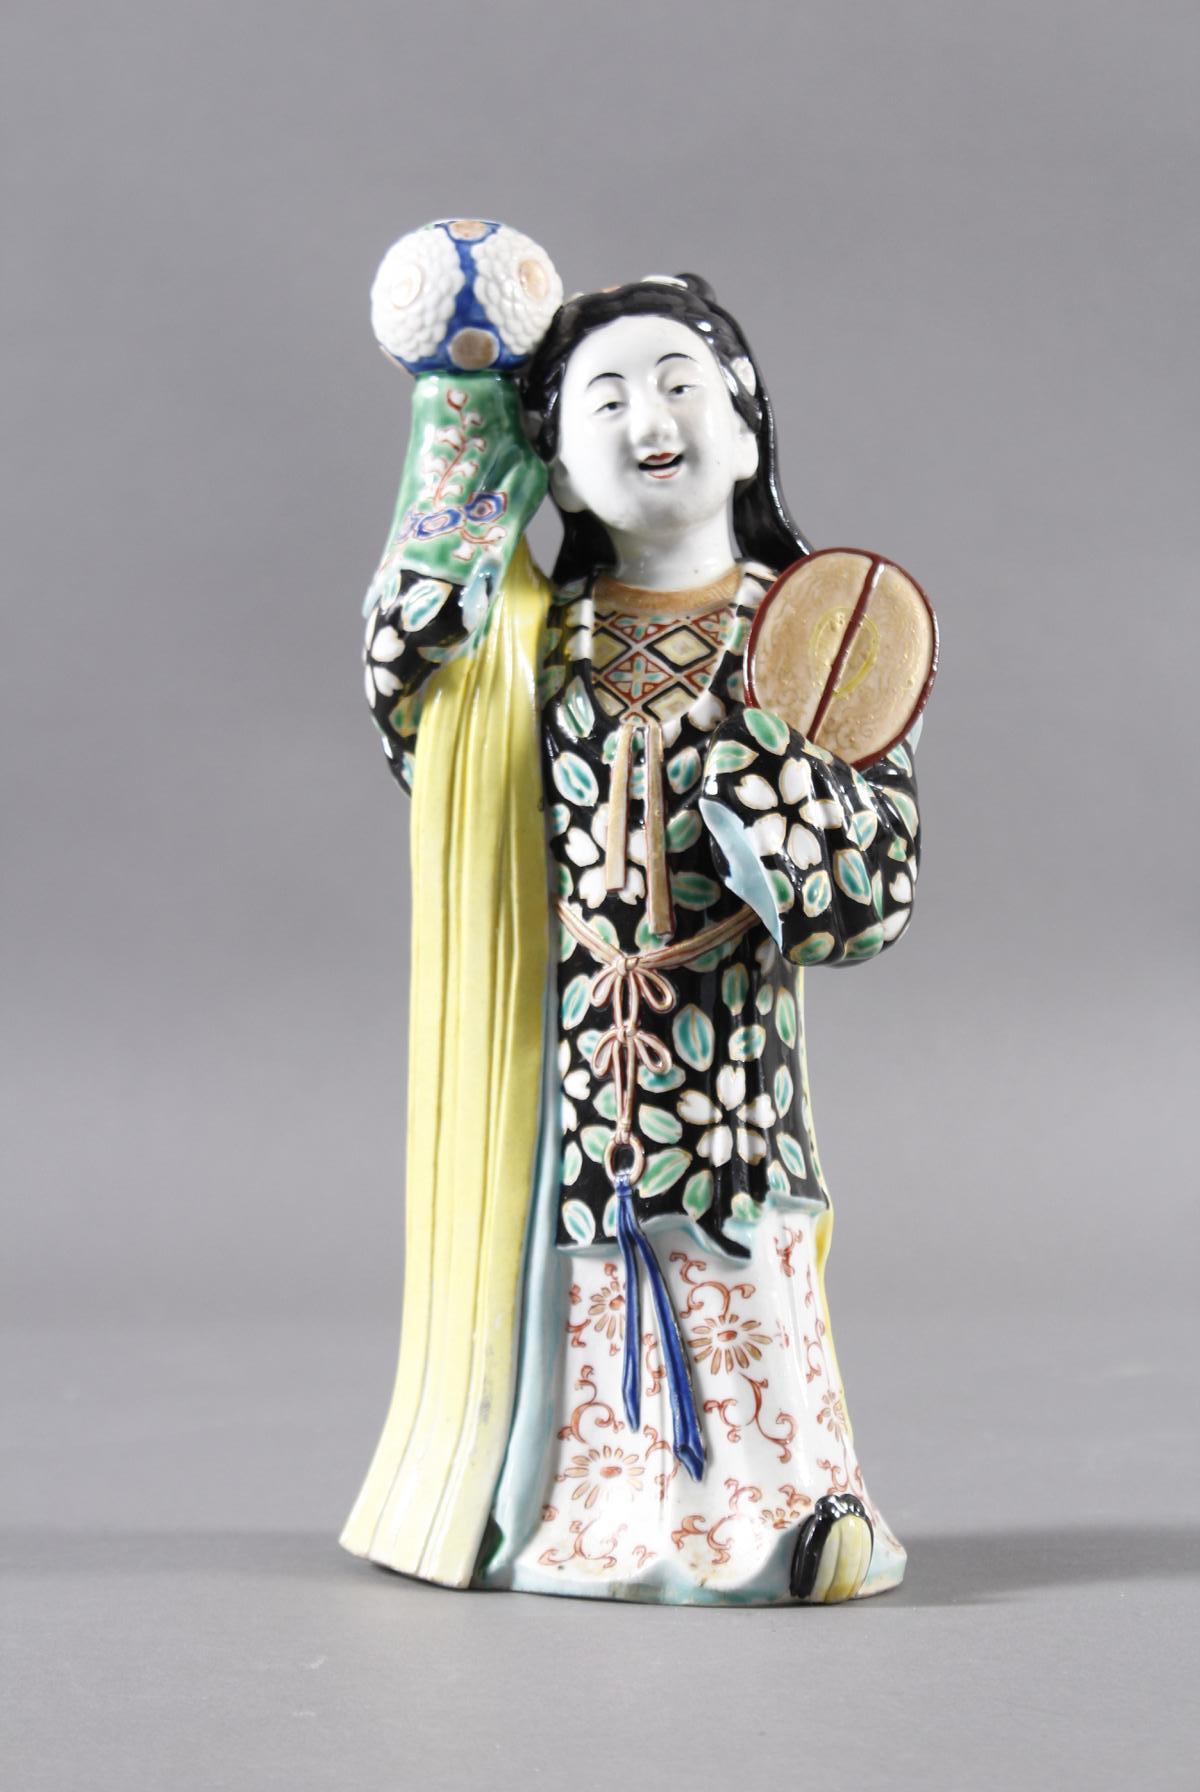 Porzellan-Räucherfigur, Mädchen, China 19. Jahrhundert